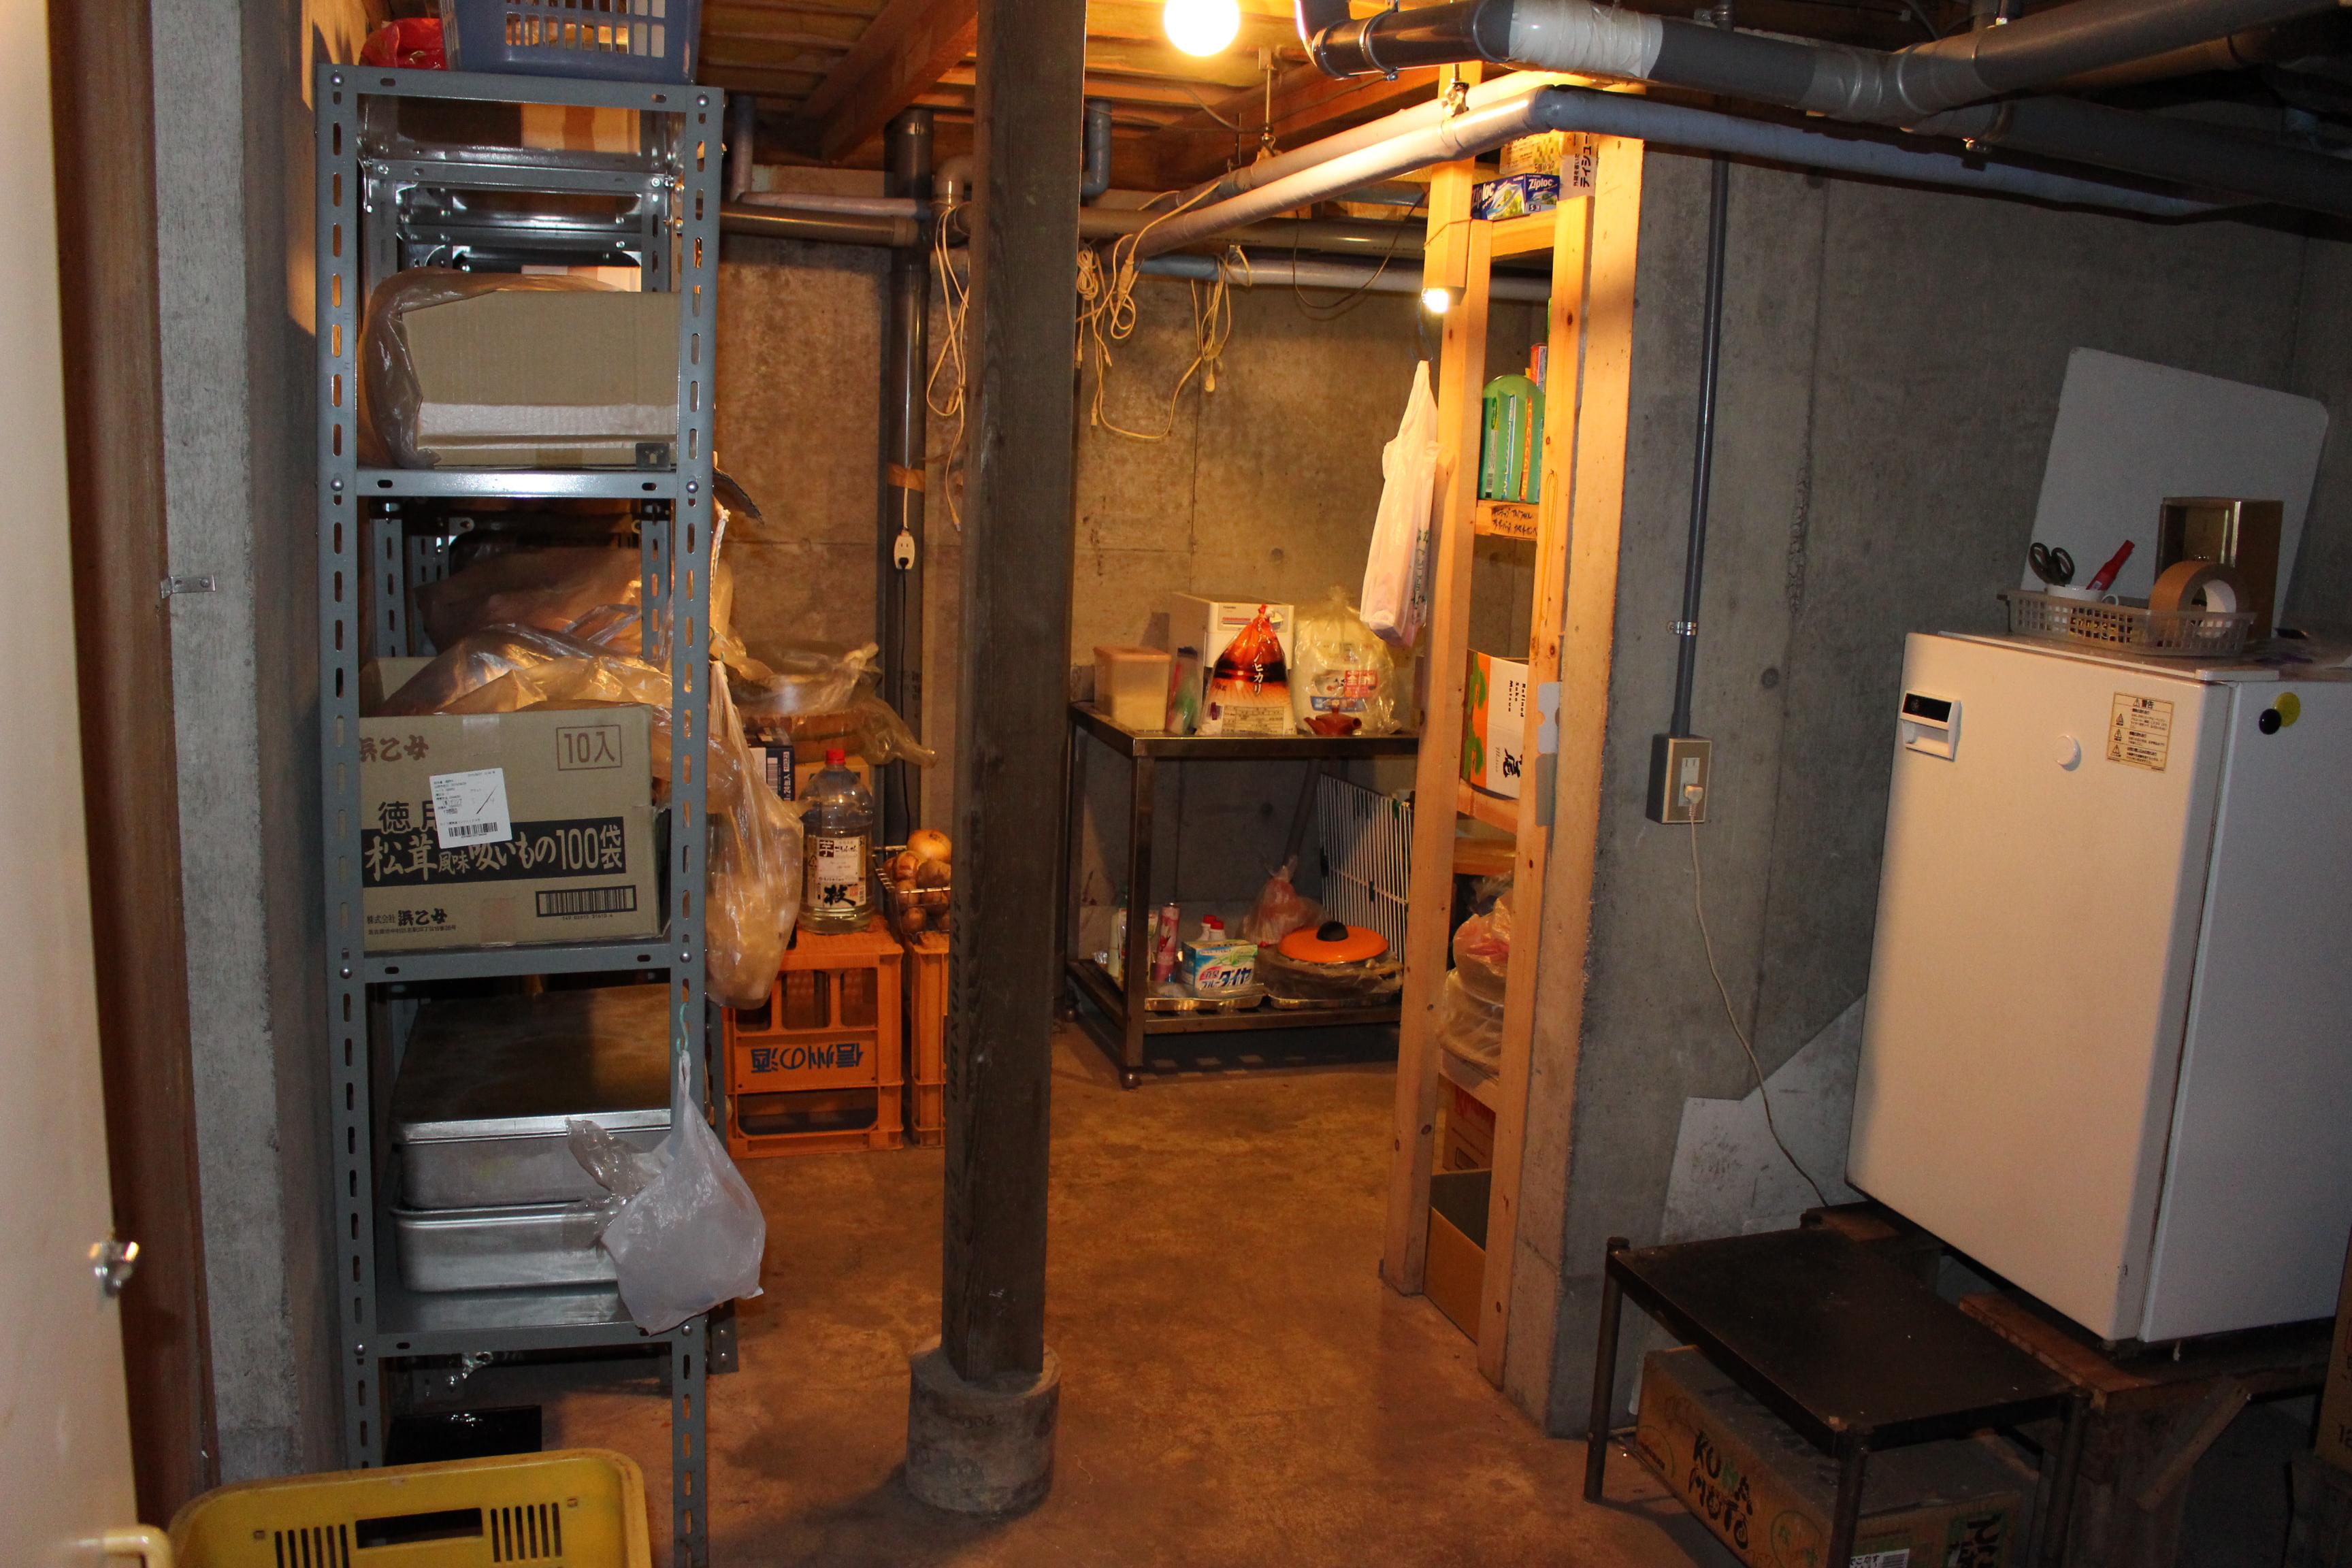 地下室は夏でも冷房いらずの涼しさです